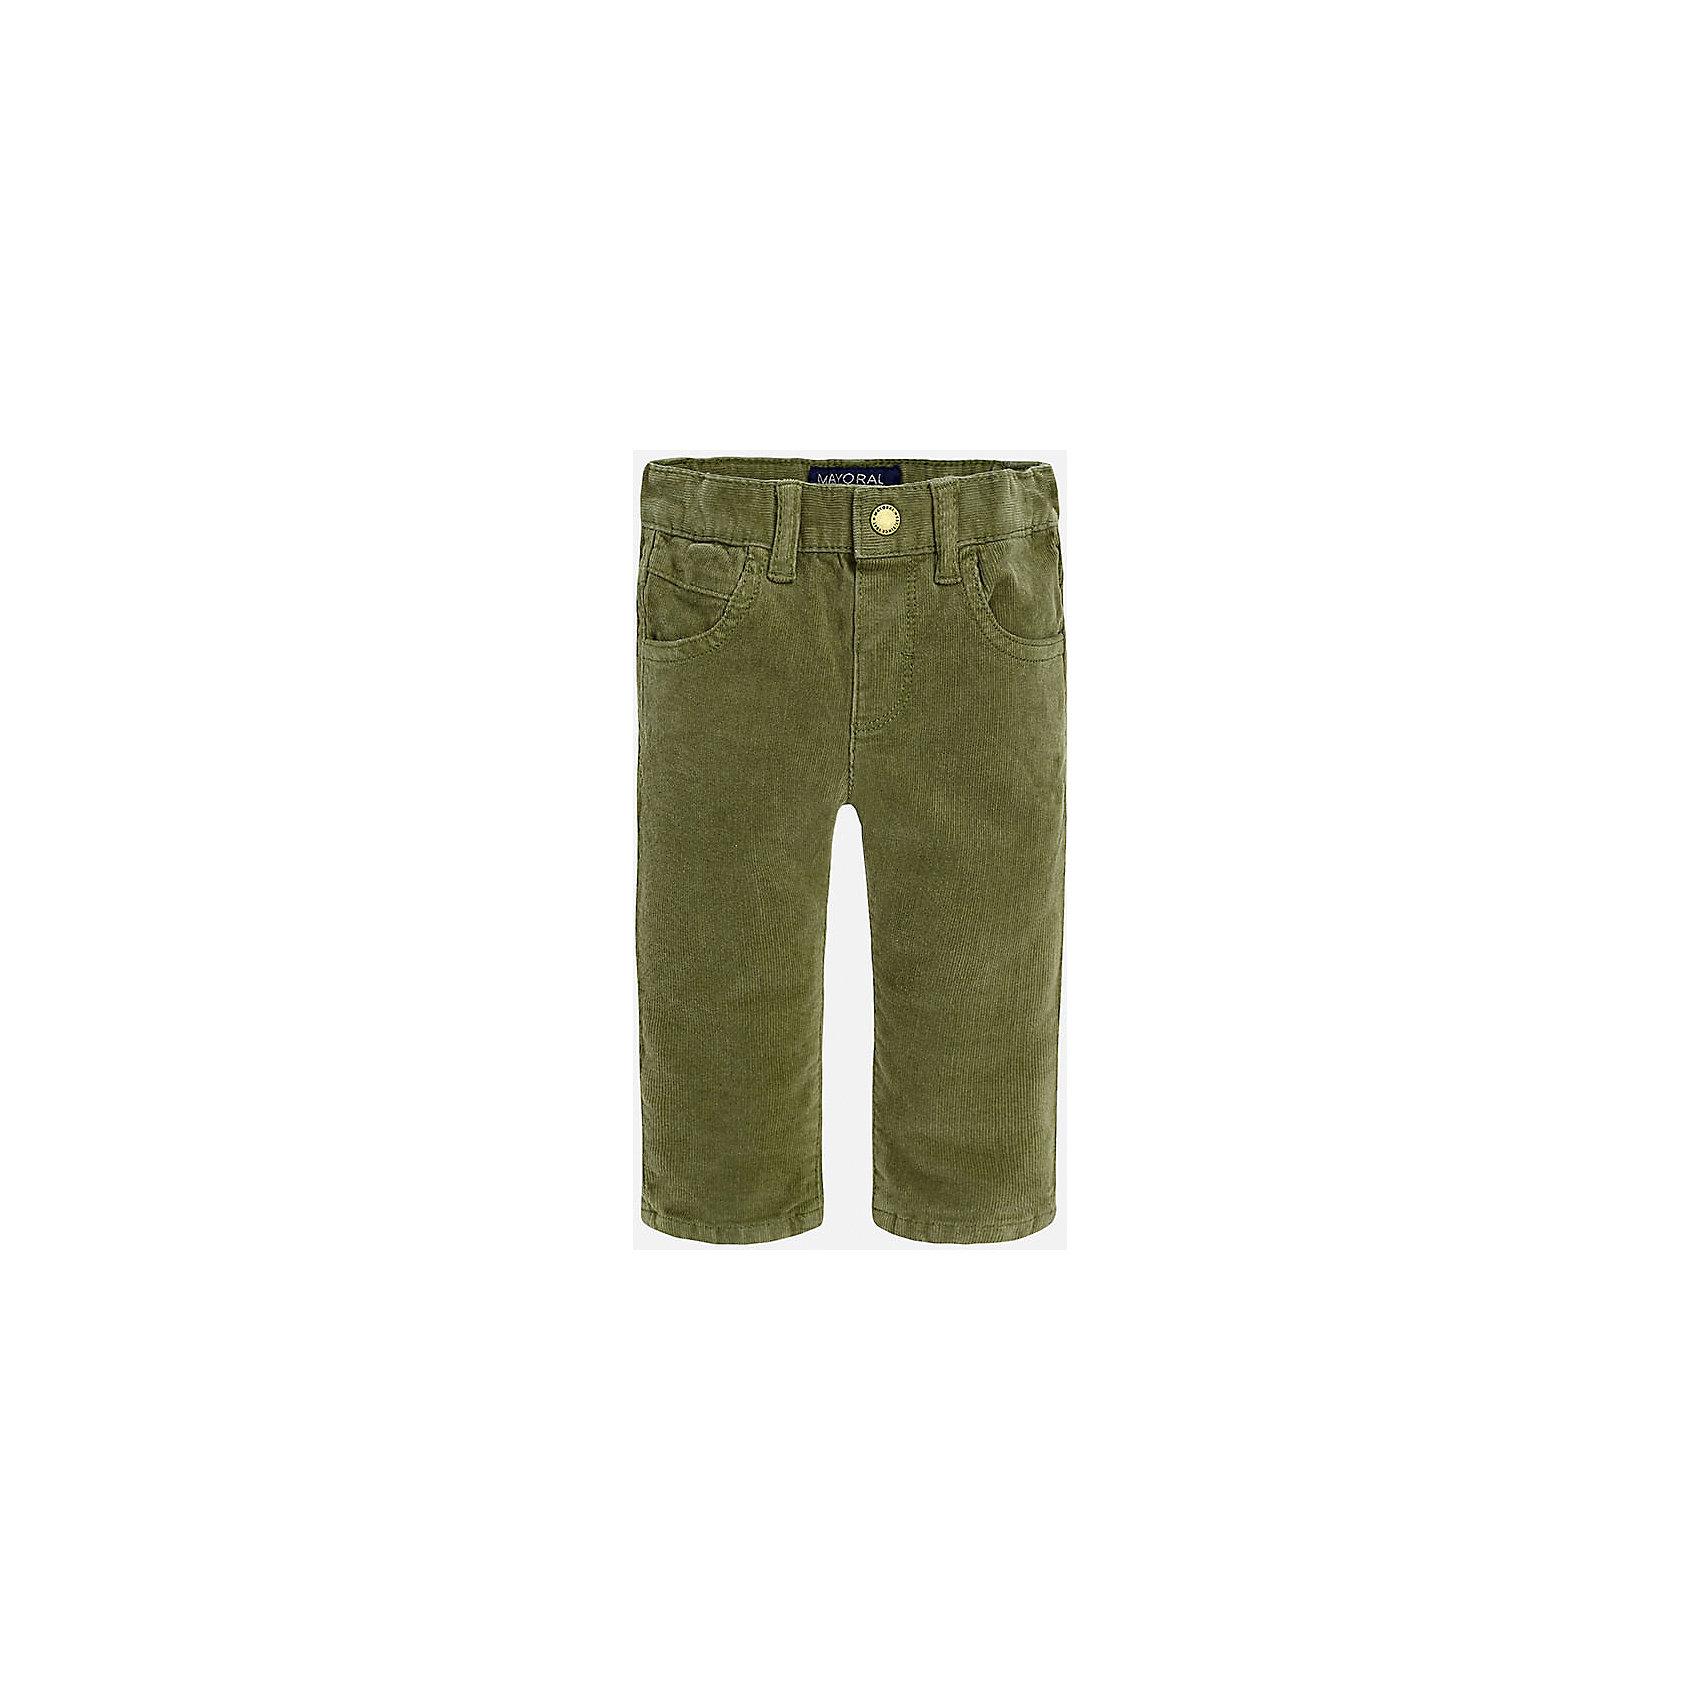 Брюки для мальчика MayoralБрюки<br>Укороченные вельветовые брюки с зауженным кроем.<br><br>Дополнительная информация:<br><br>- Крой: зауженный крой (Slim Fit).<br>- Страна бренда: Испания.<br>- Состав: хлопок 98%, эластан 2%.<br>- Цвет: защитный.<br>- Уход: бережная стирка при 30 градусах.<br><br>Купить брюки для мальчика Mayoral можно в нашем магазине.<br><br>Ширина мм: 215<br>Глубина мм: 88<br>Высота мм: 191<br>Вес г: 336<br>Цвет: хаки<br>Возраст от месяцев: 12<br>Возраст до месяцев: 18<br>Пол: Мужской<br>Возраст: Детский<br>Размер: 86,92,74,80<br>SKU: 4826610